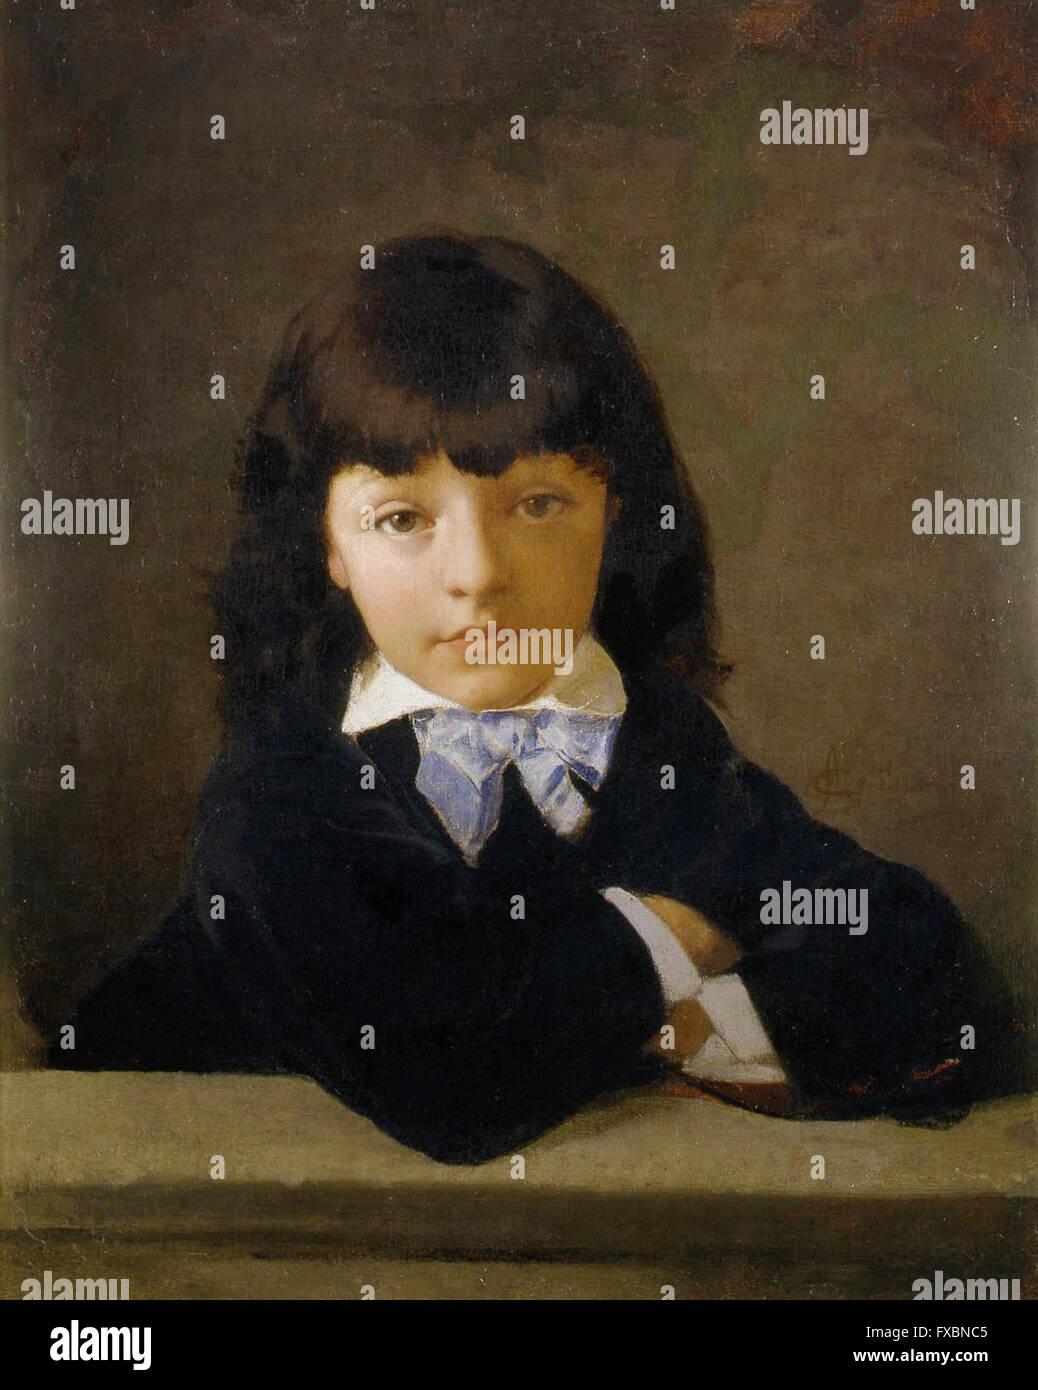 Amos Cassioli - Portrait of Joseph as a child - Fondazione Musei Senes - Stock Image